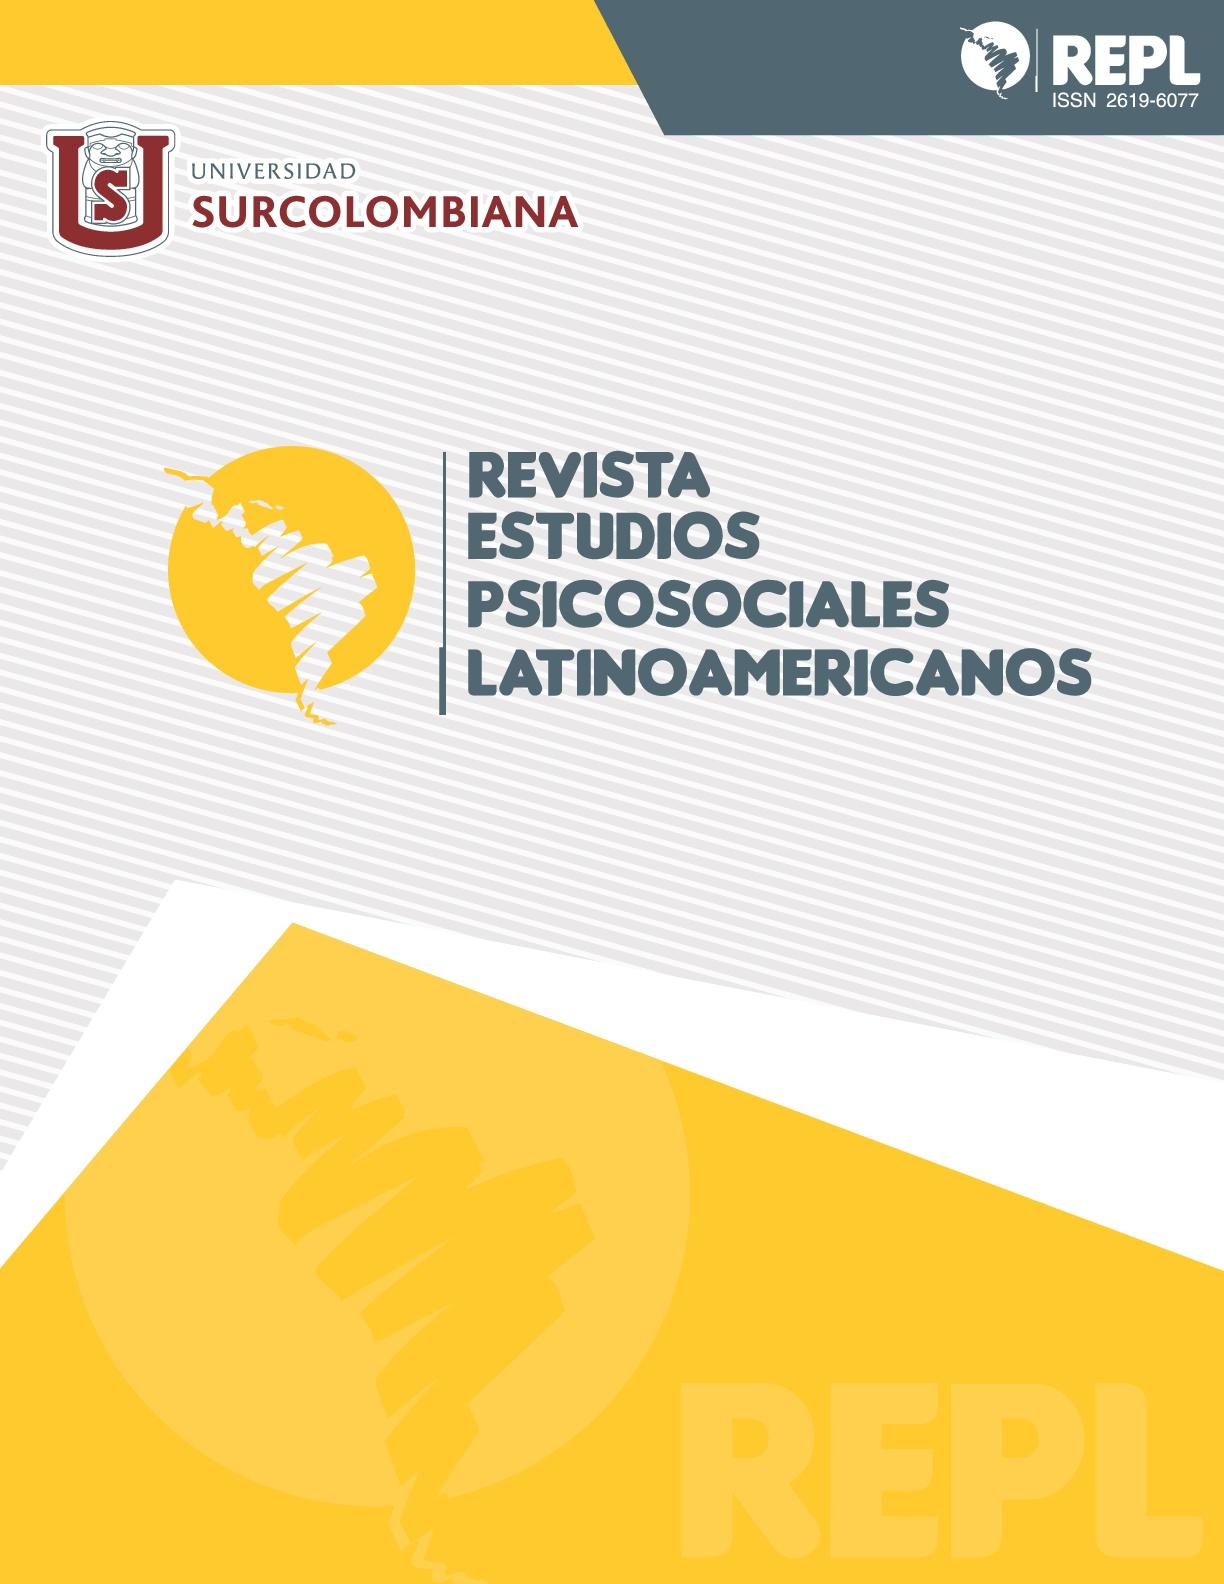 Revista Estudios Psicosociales Latinoamericanos